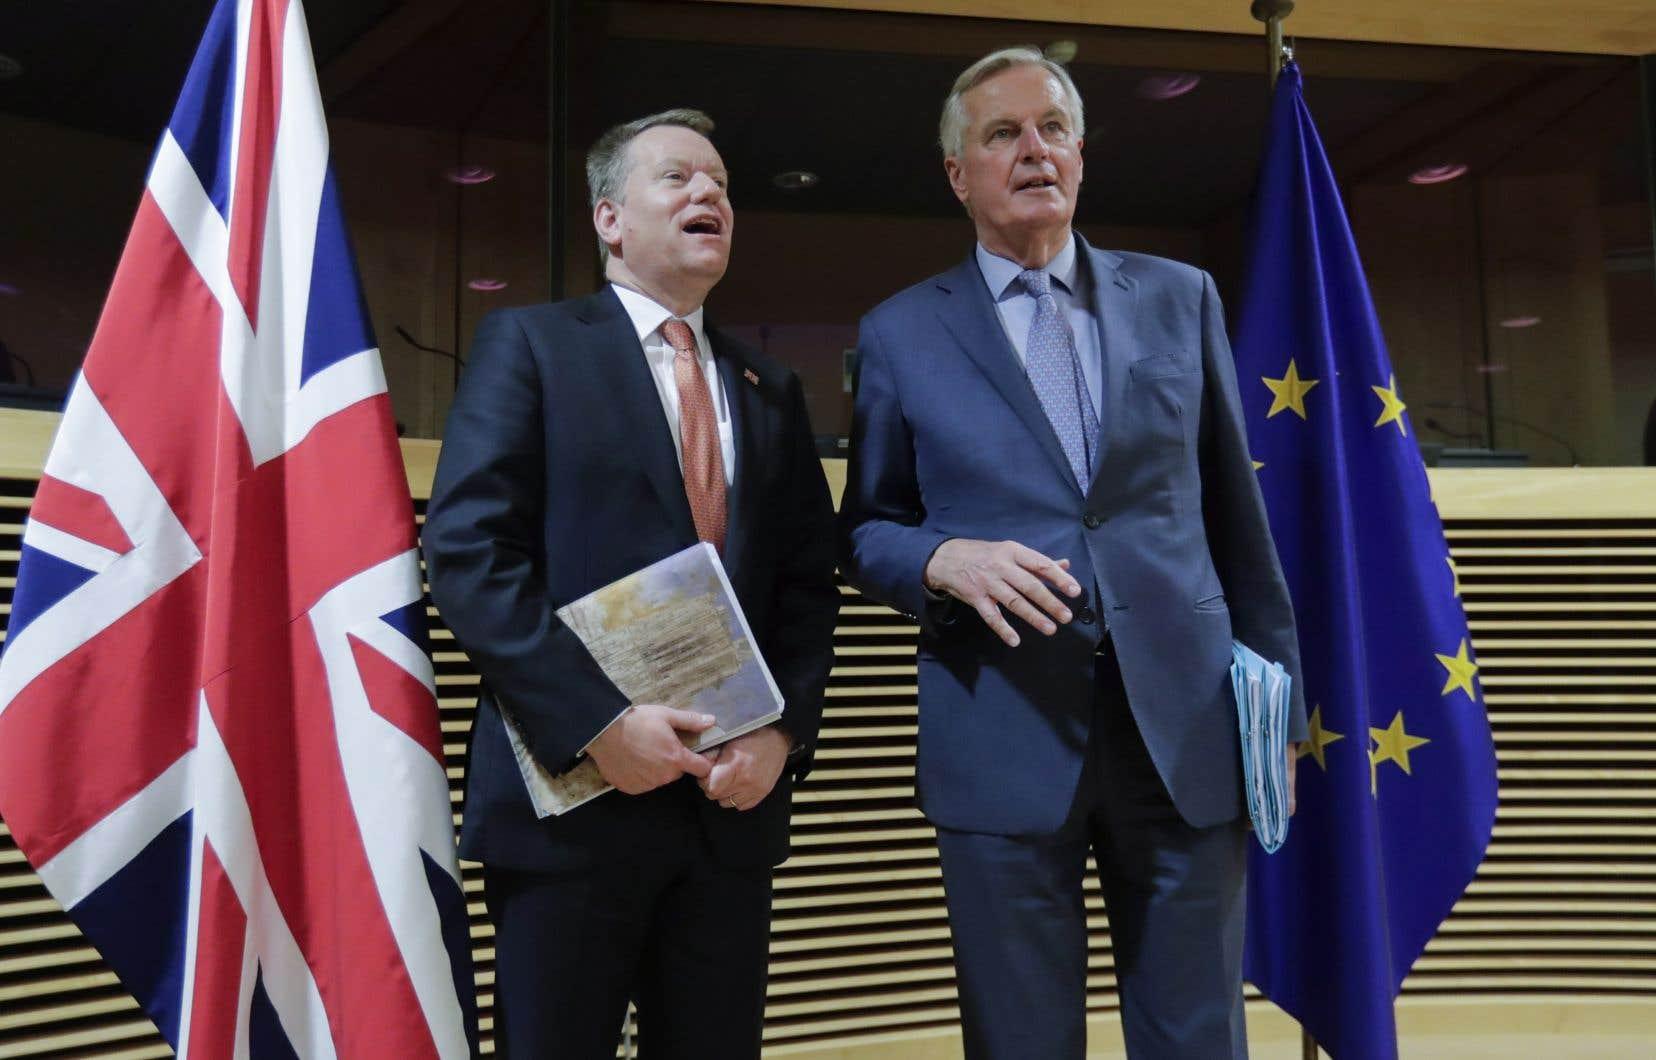 Le négociateur britannique, David Frost, et celui de l'Union Européenne, Michel Barnier, sont d'accord: les négociations du Brexit ont très peu progressé.